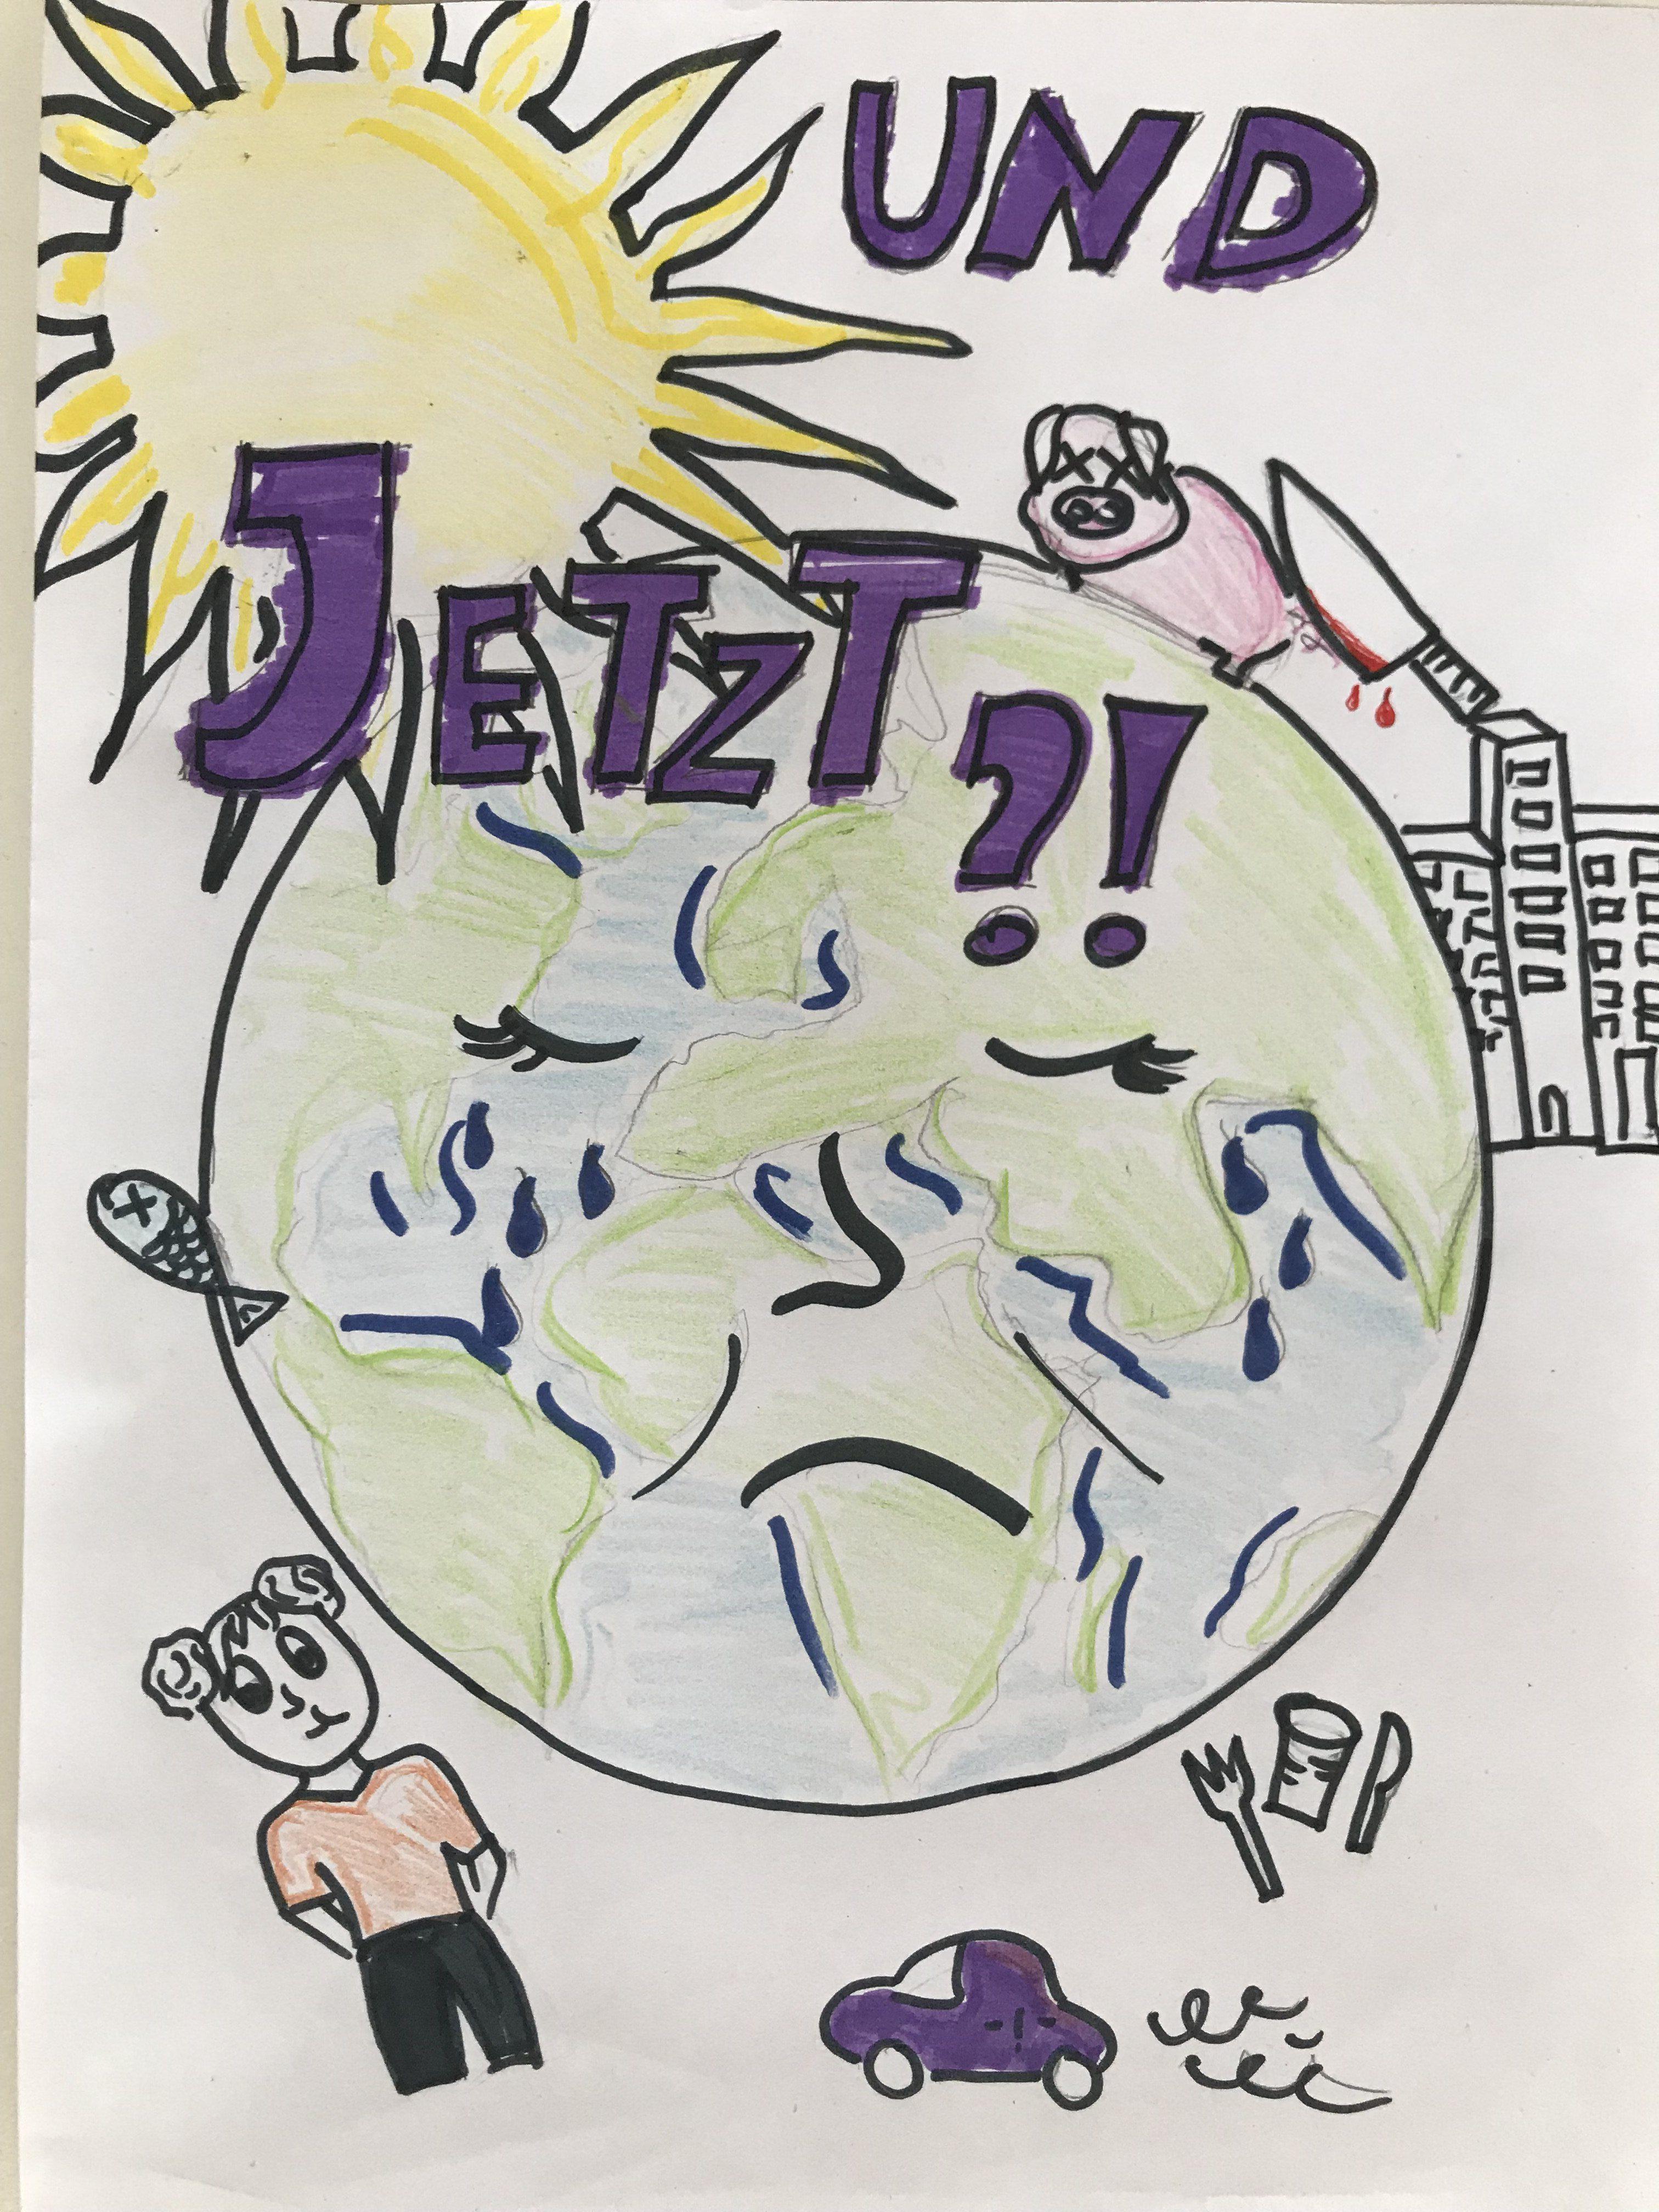 Es ist eine Zeichnung von der Erde und verschiedenen Klima- und Umweltpolitischen Themen zu sehen